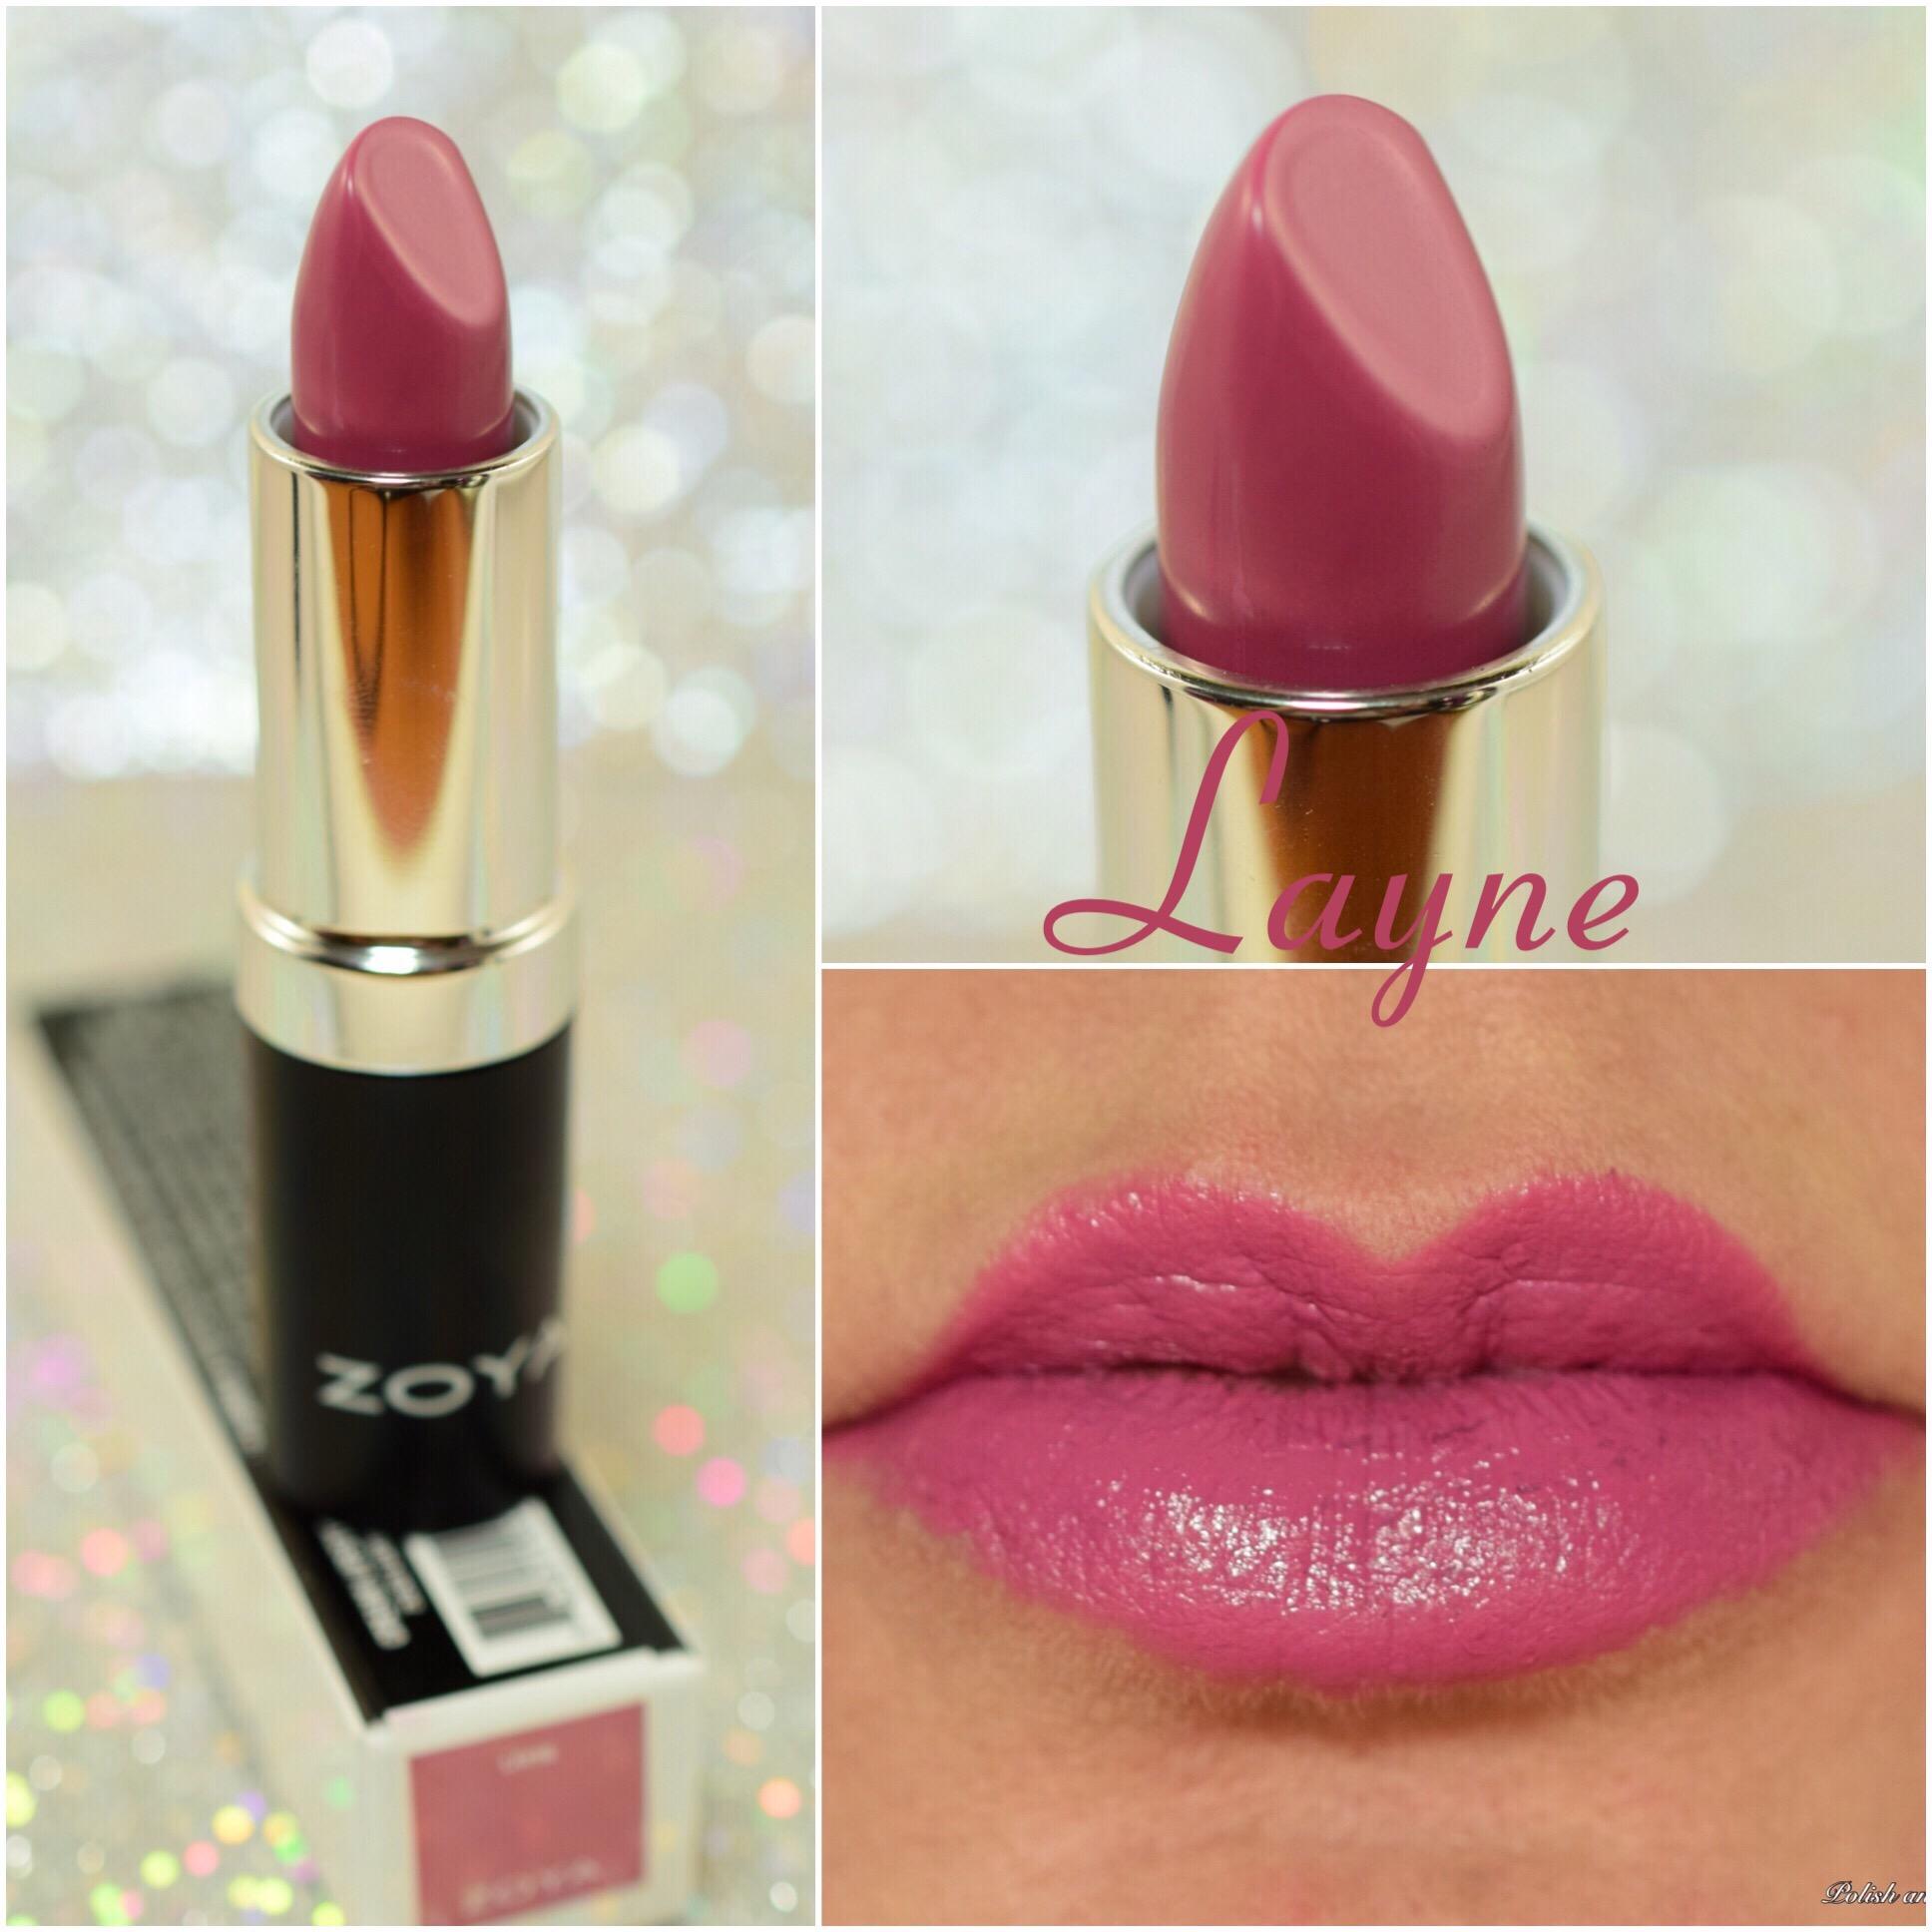 Zoya Layne Lipstick